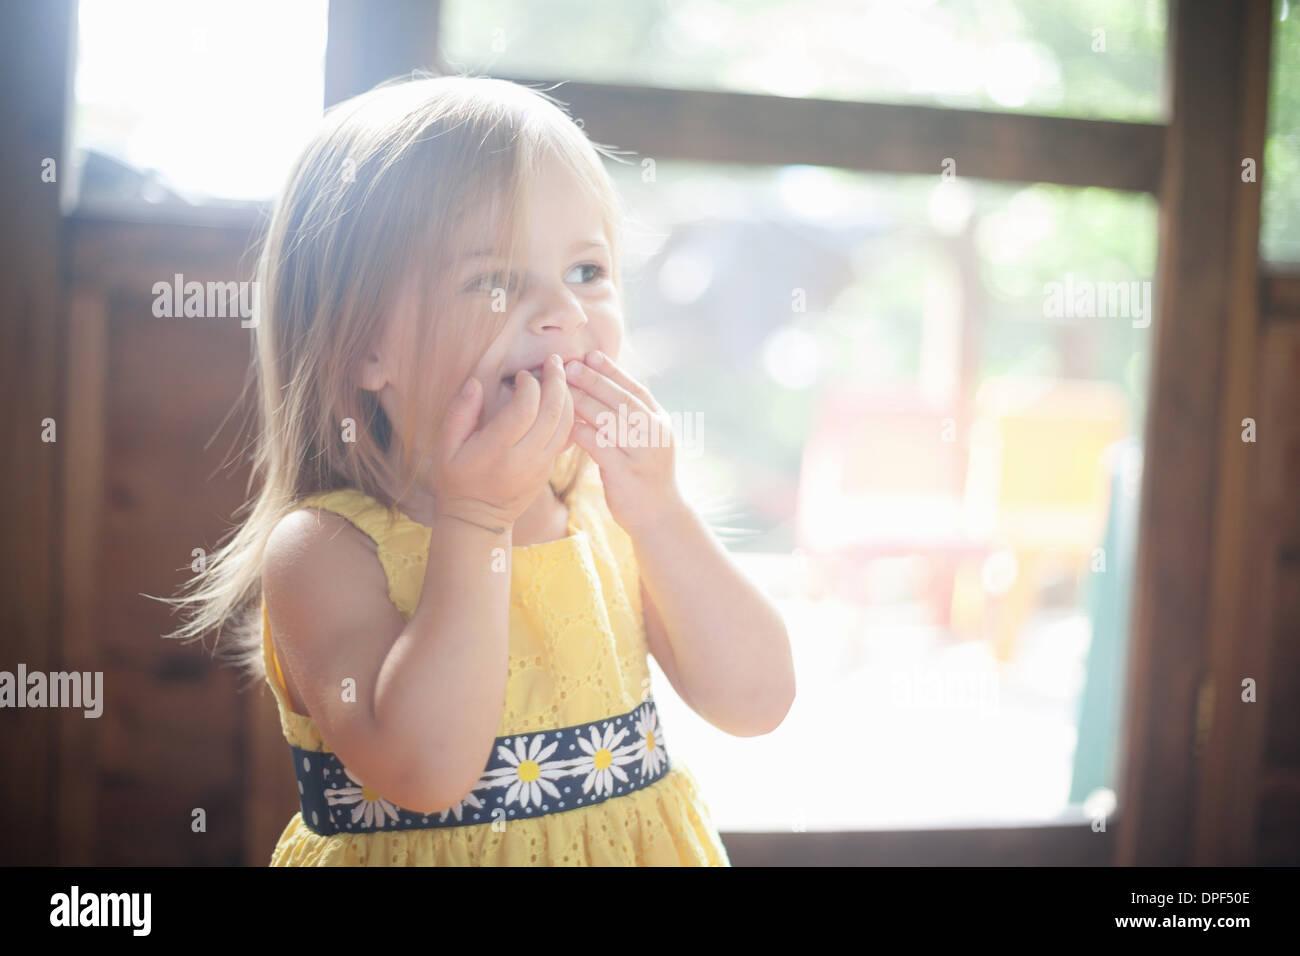 Close up of young woman avec les mains sur la bouche Photo Stock